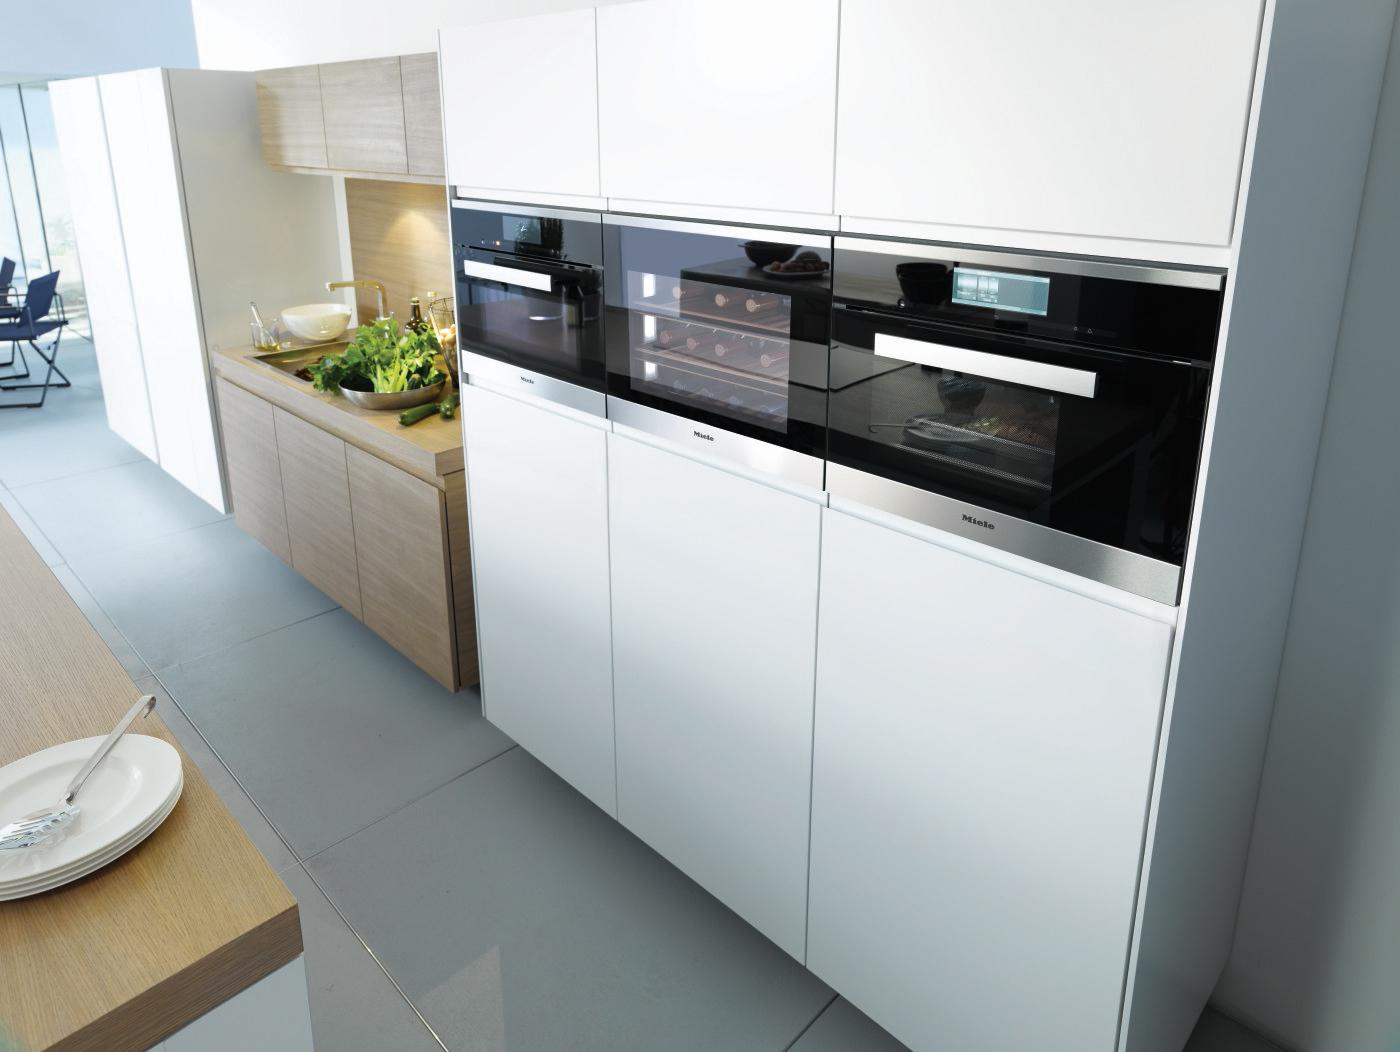 miele pr sente une cave vin compacte. Black Bedroom Furniture Sets. Home Design Ideas